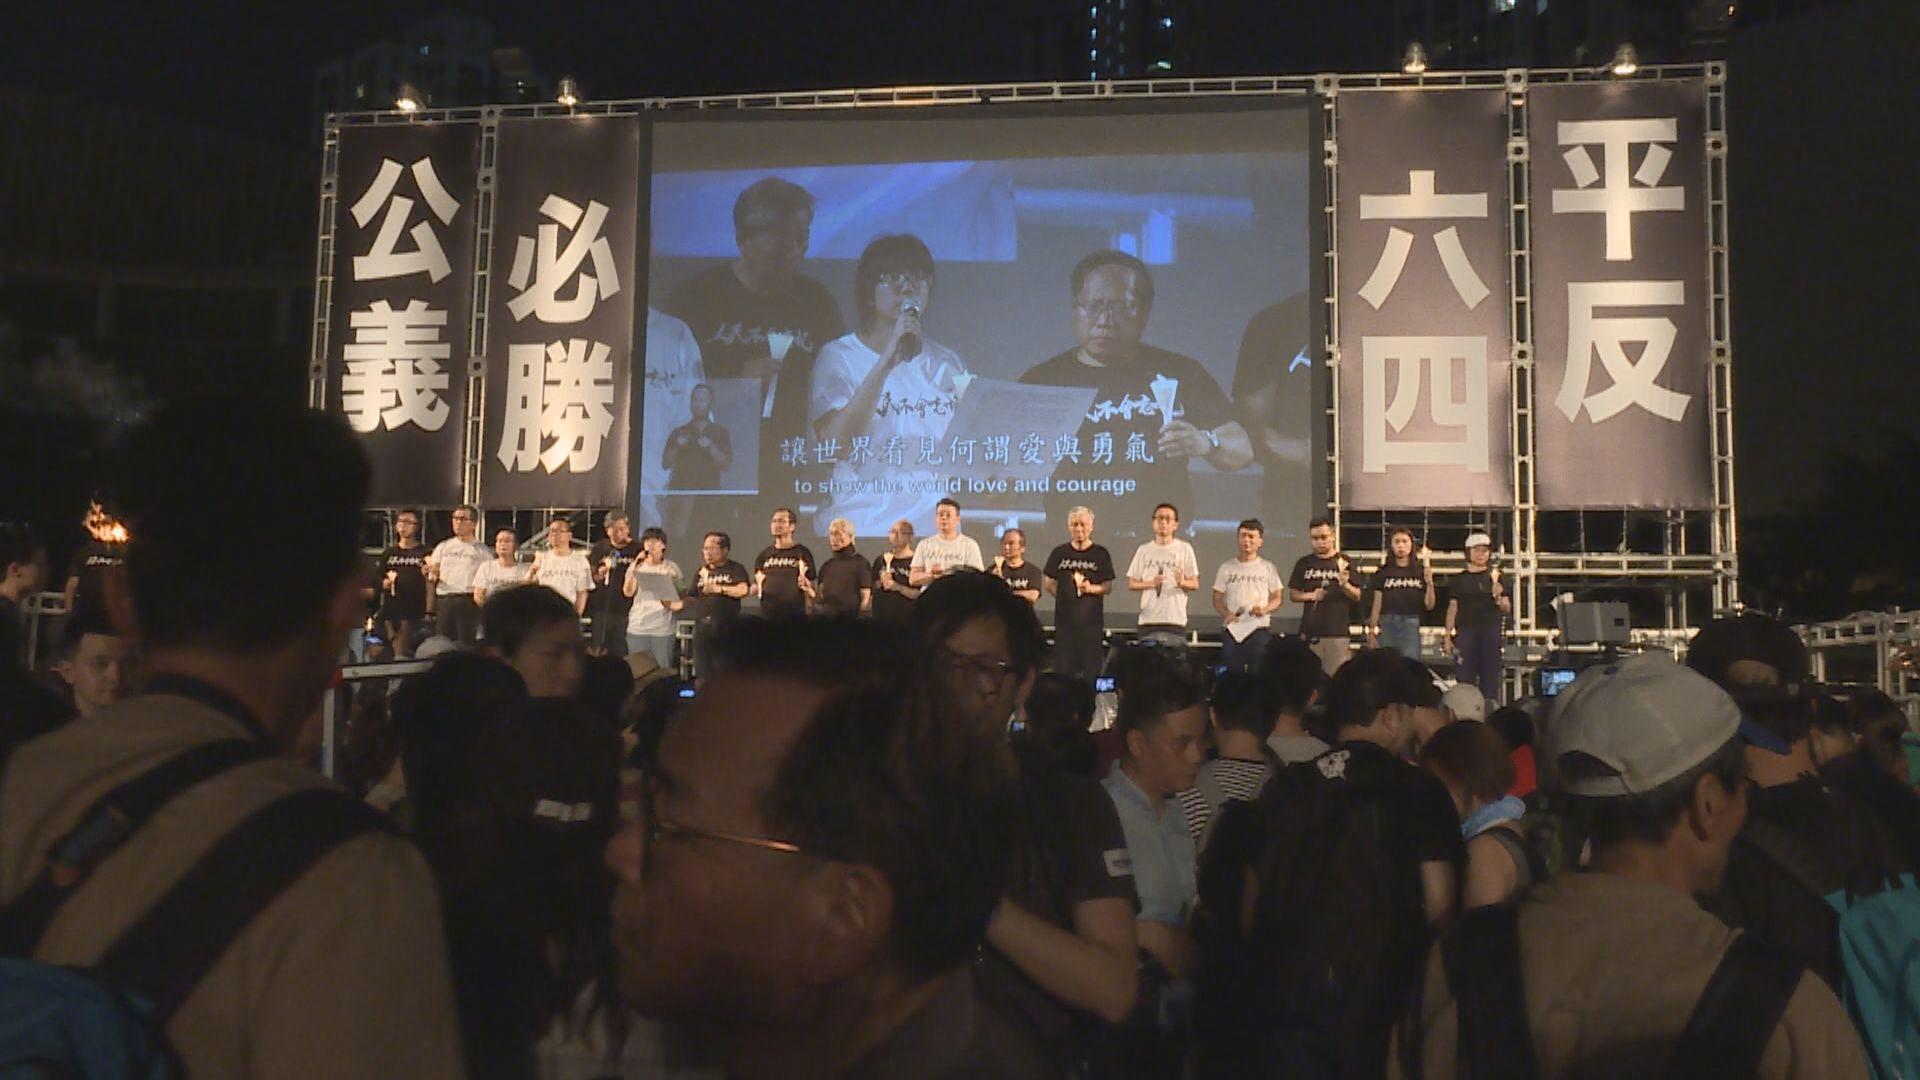 支聯會將表決是否解散 鄧炳強:解散非可免責